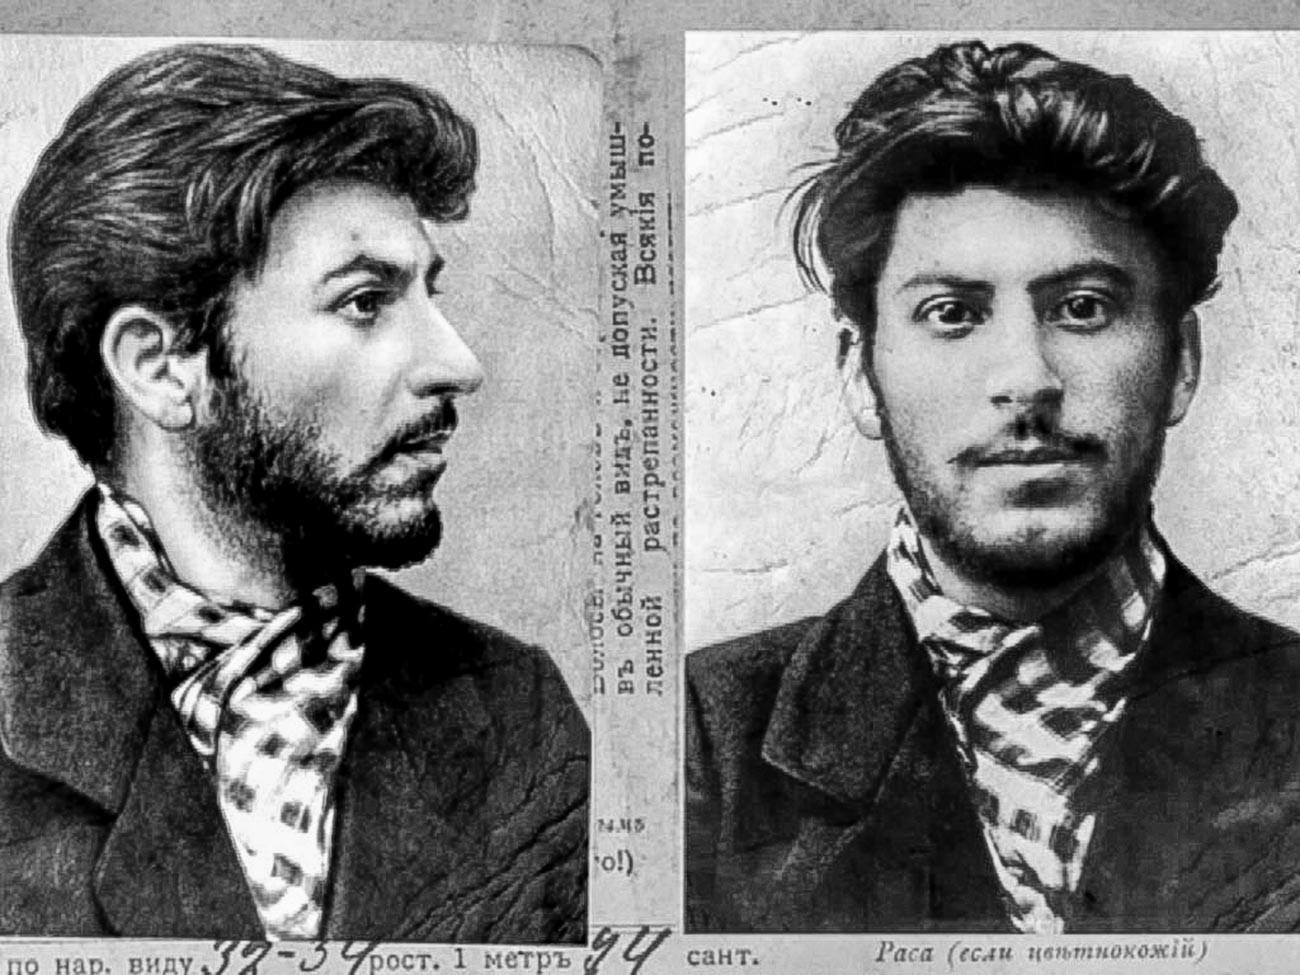 Josef Stalin im Alte von 23 Jahren